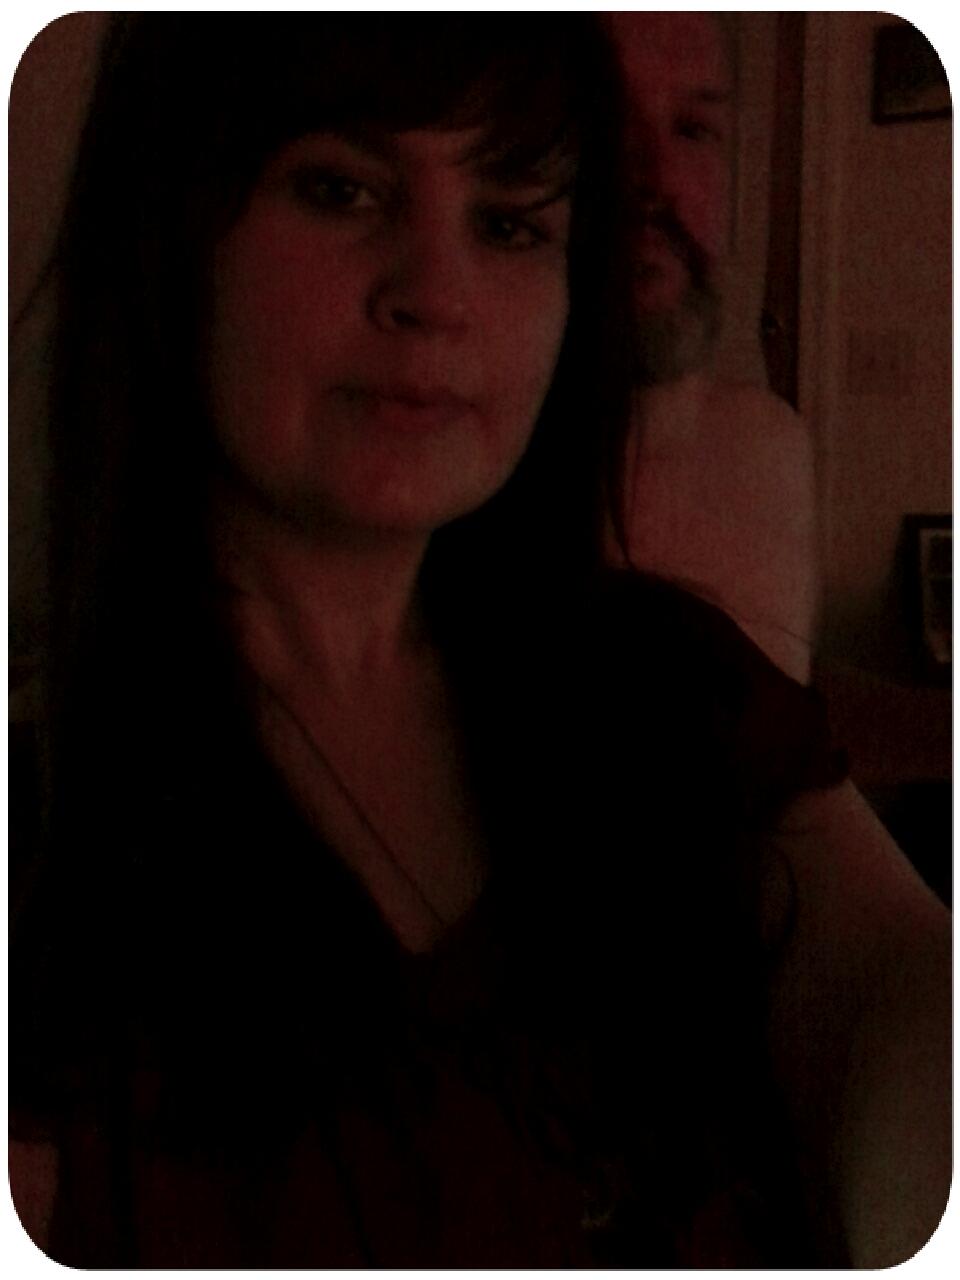 2012-03-18 00.14.55 - Julia,Round.jpg